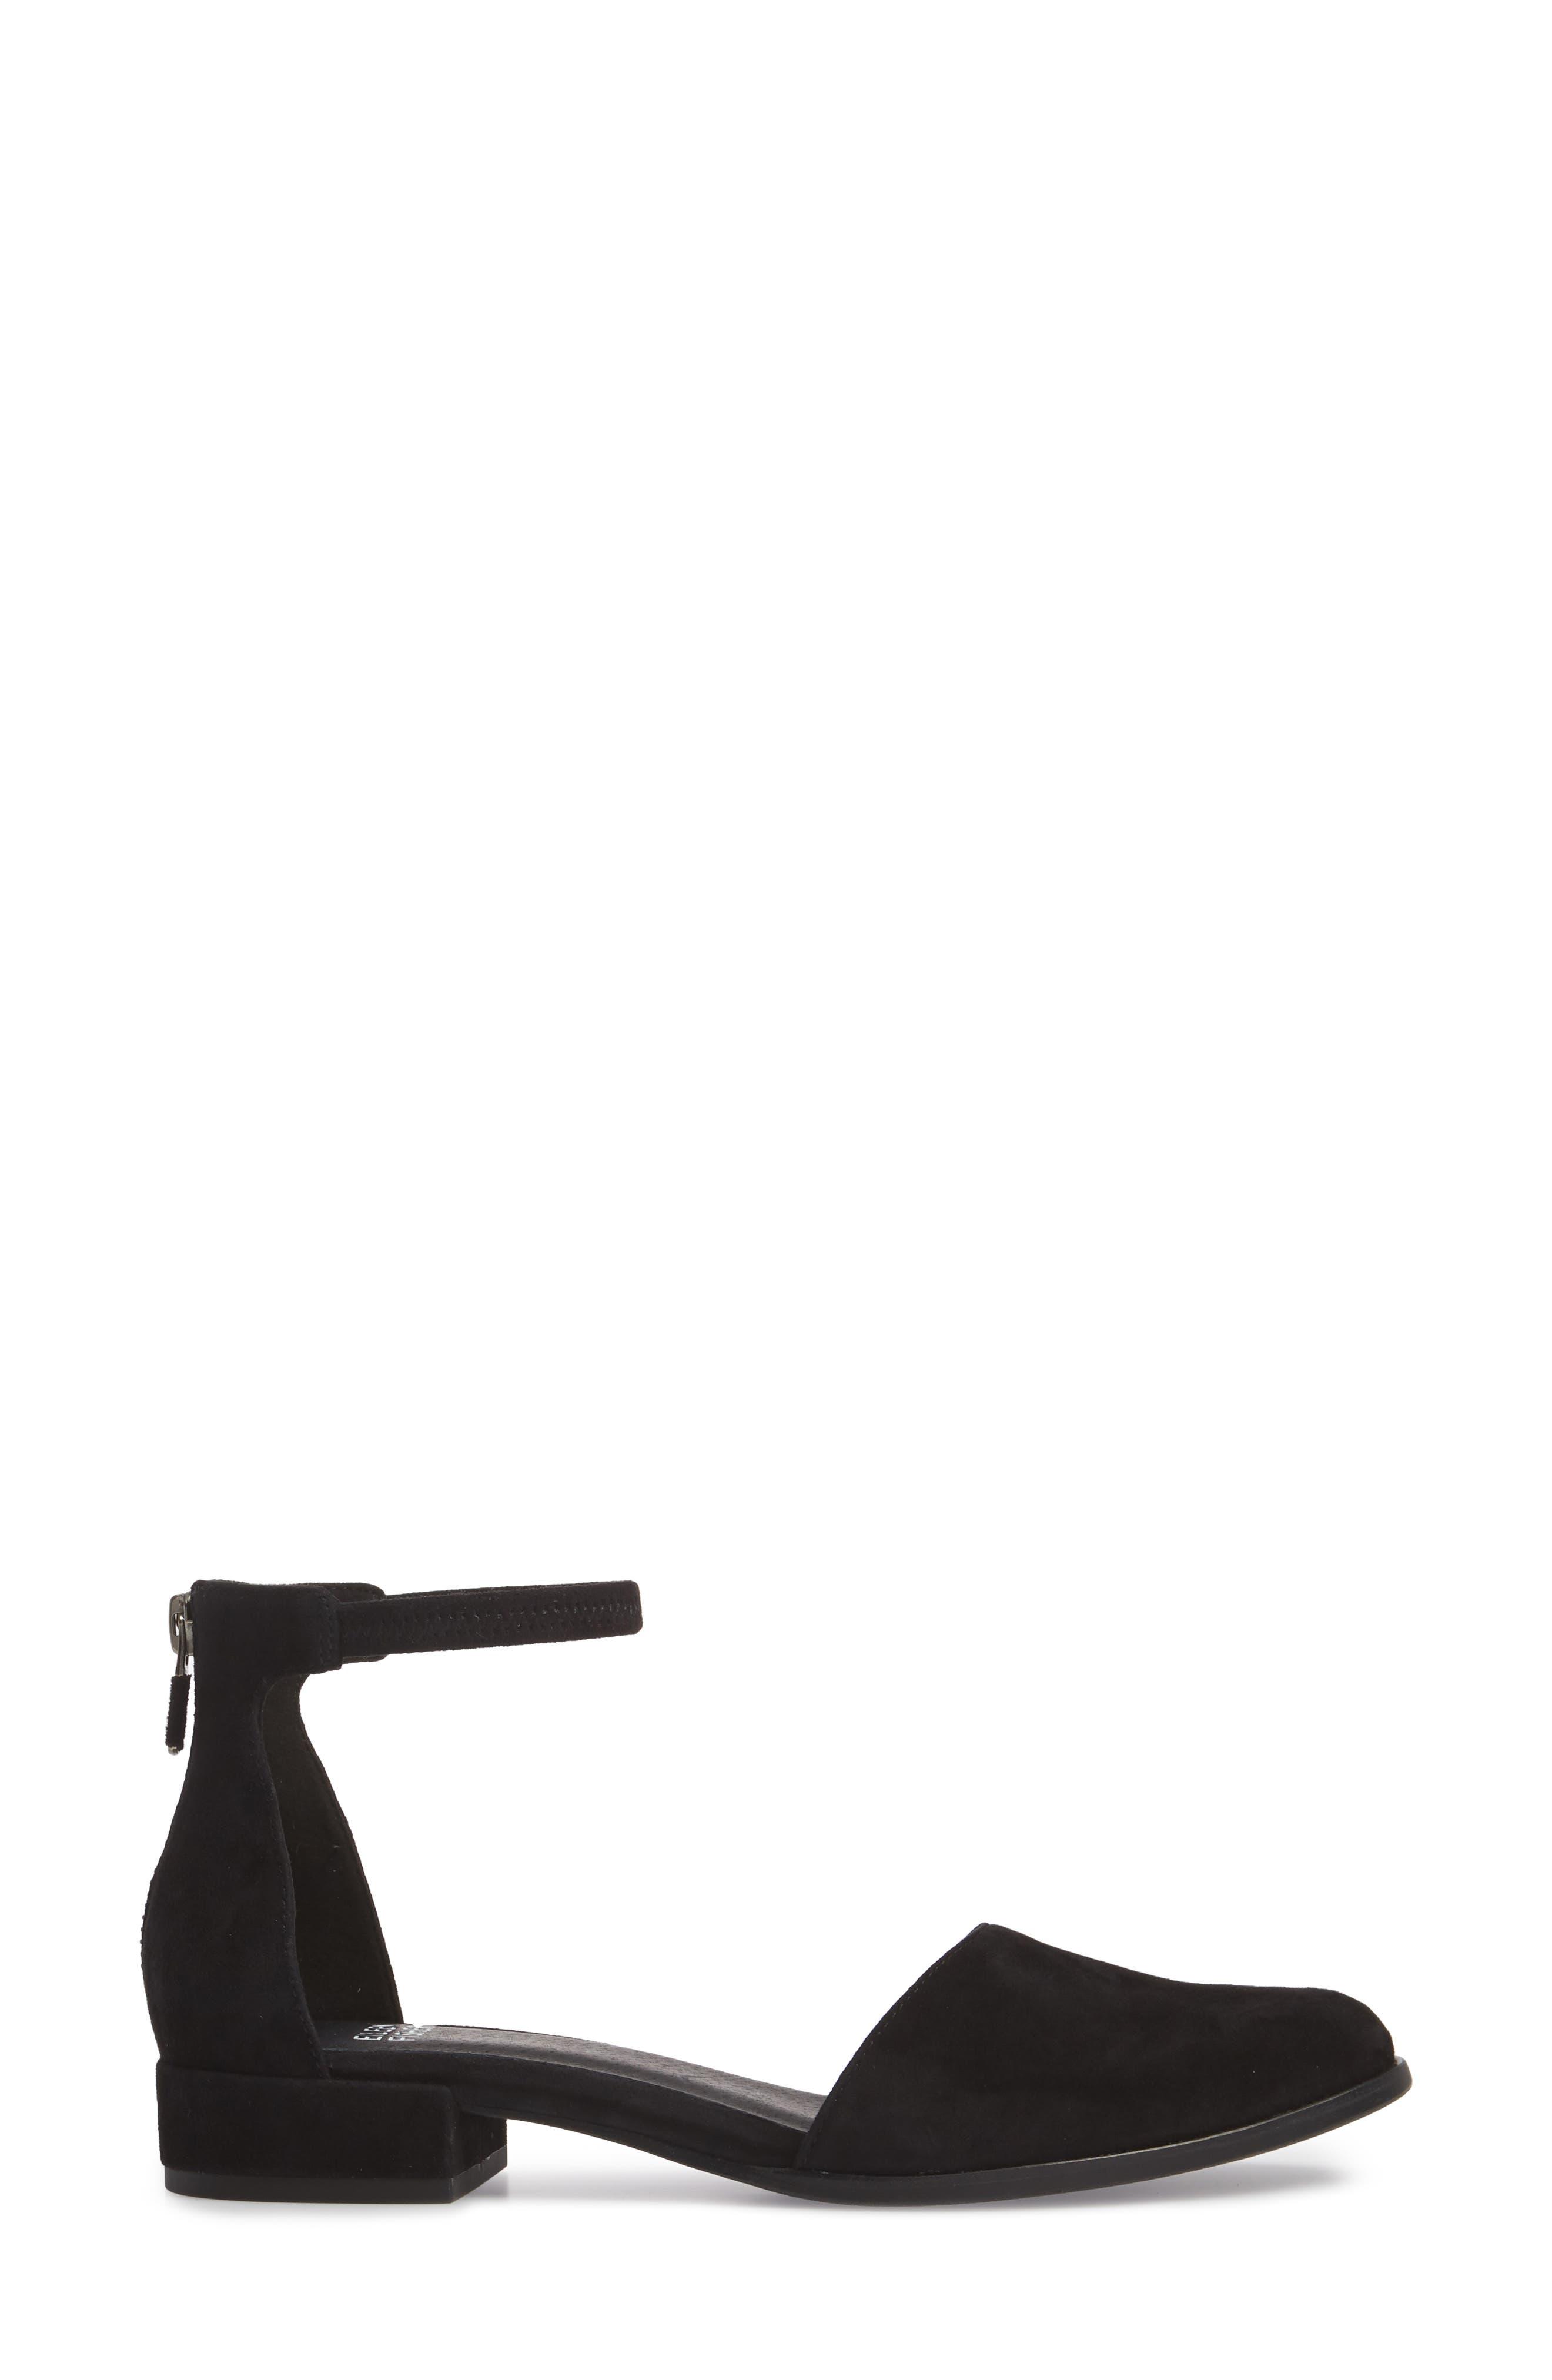 Hutton Ankle Strap Shoe,                             Alternate thumbnail 3, color,                             001